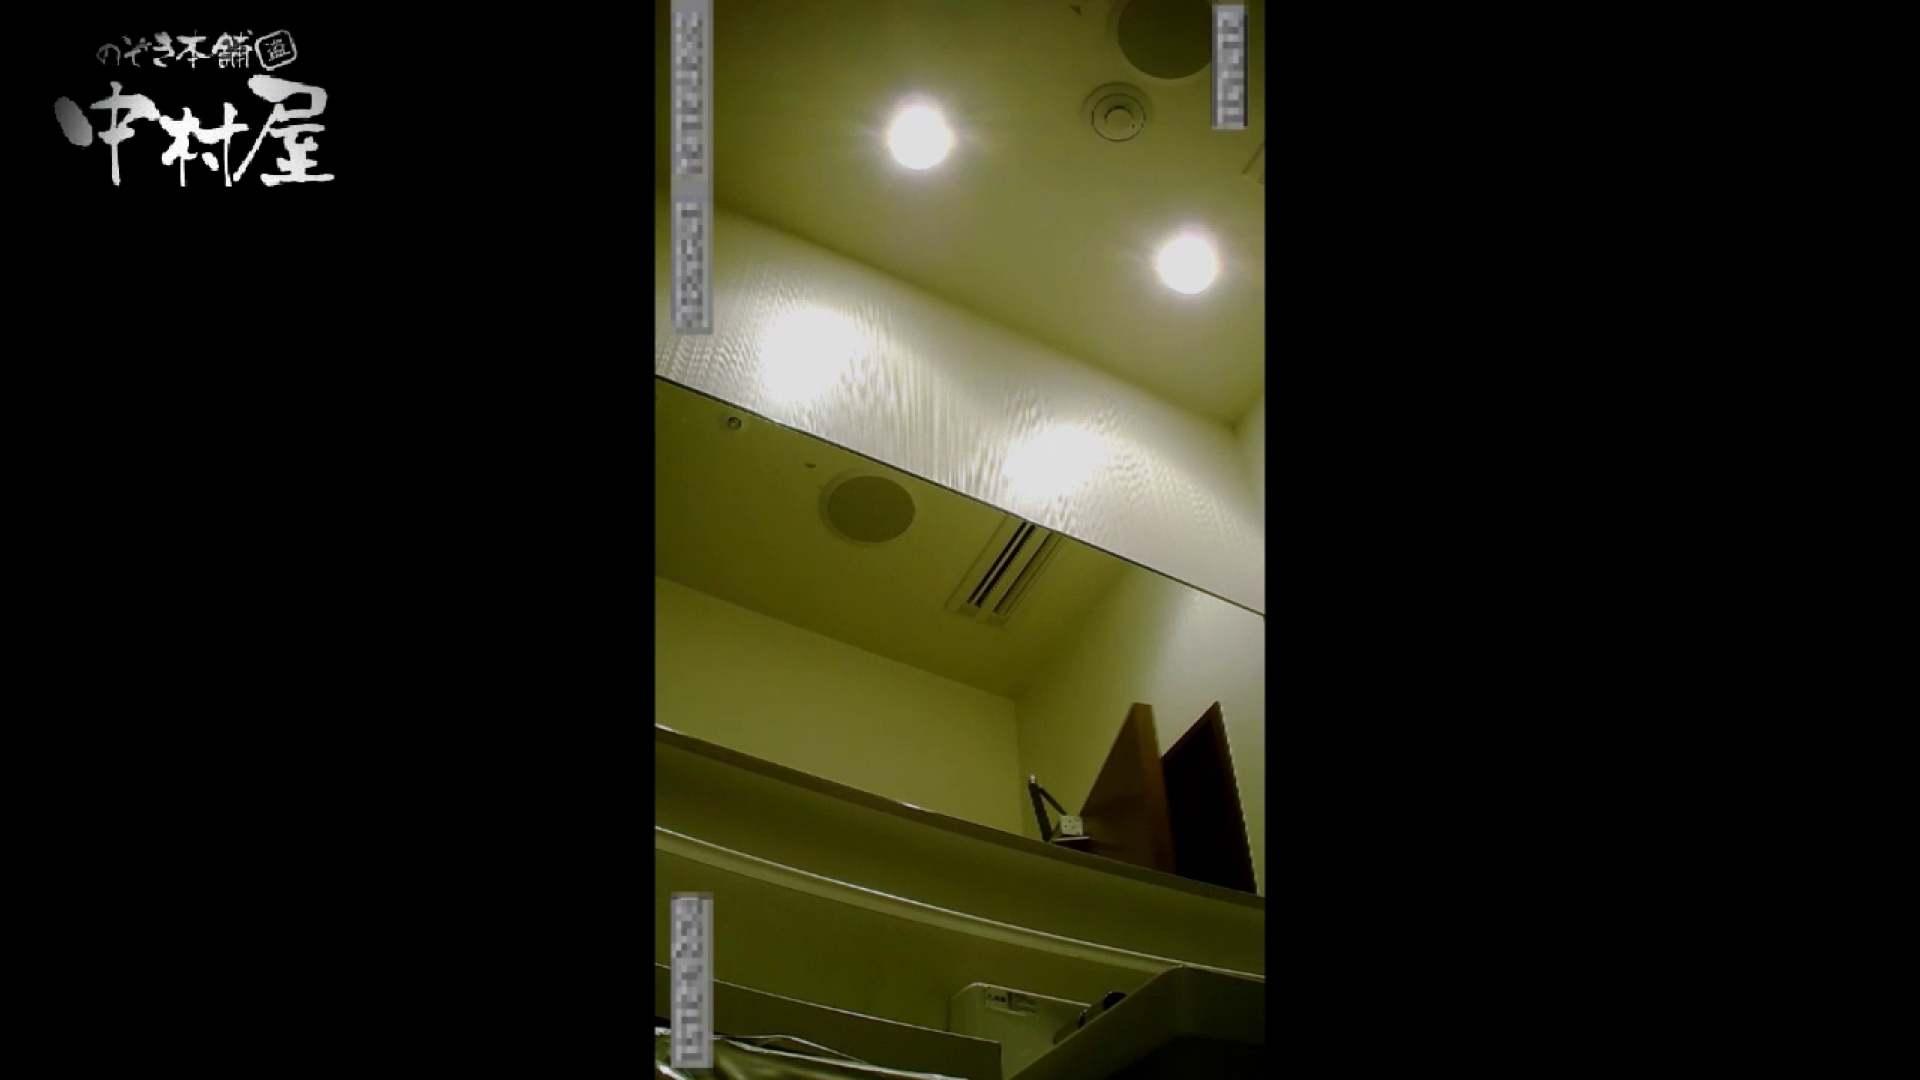 高画質トイレ盗撮vol.13 OLエロ画像 のぞきおめこ無修正画像 112PICs 82